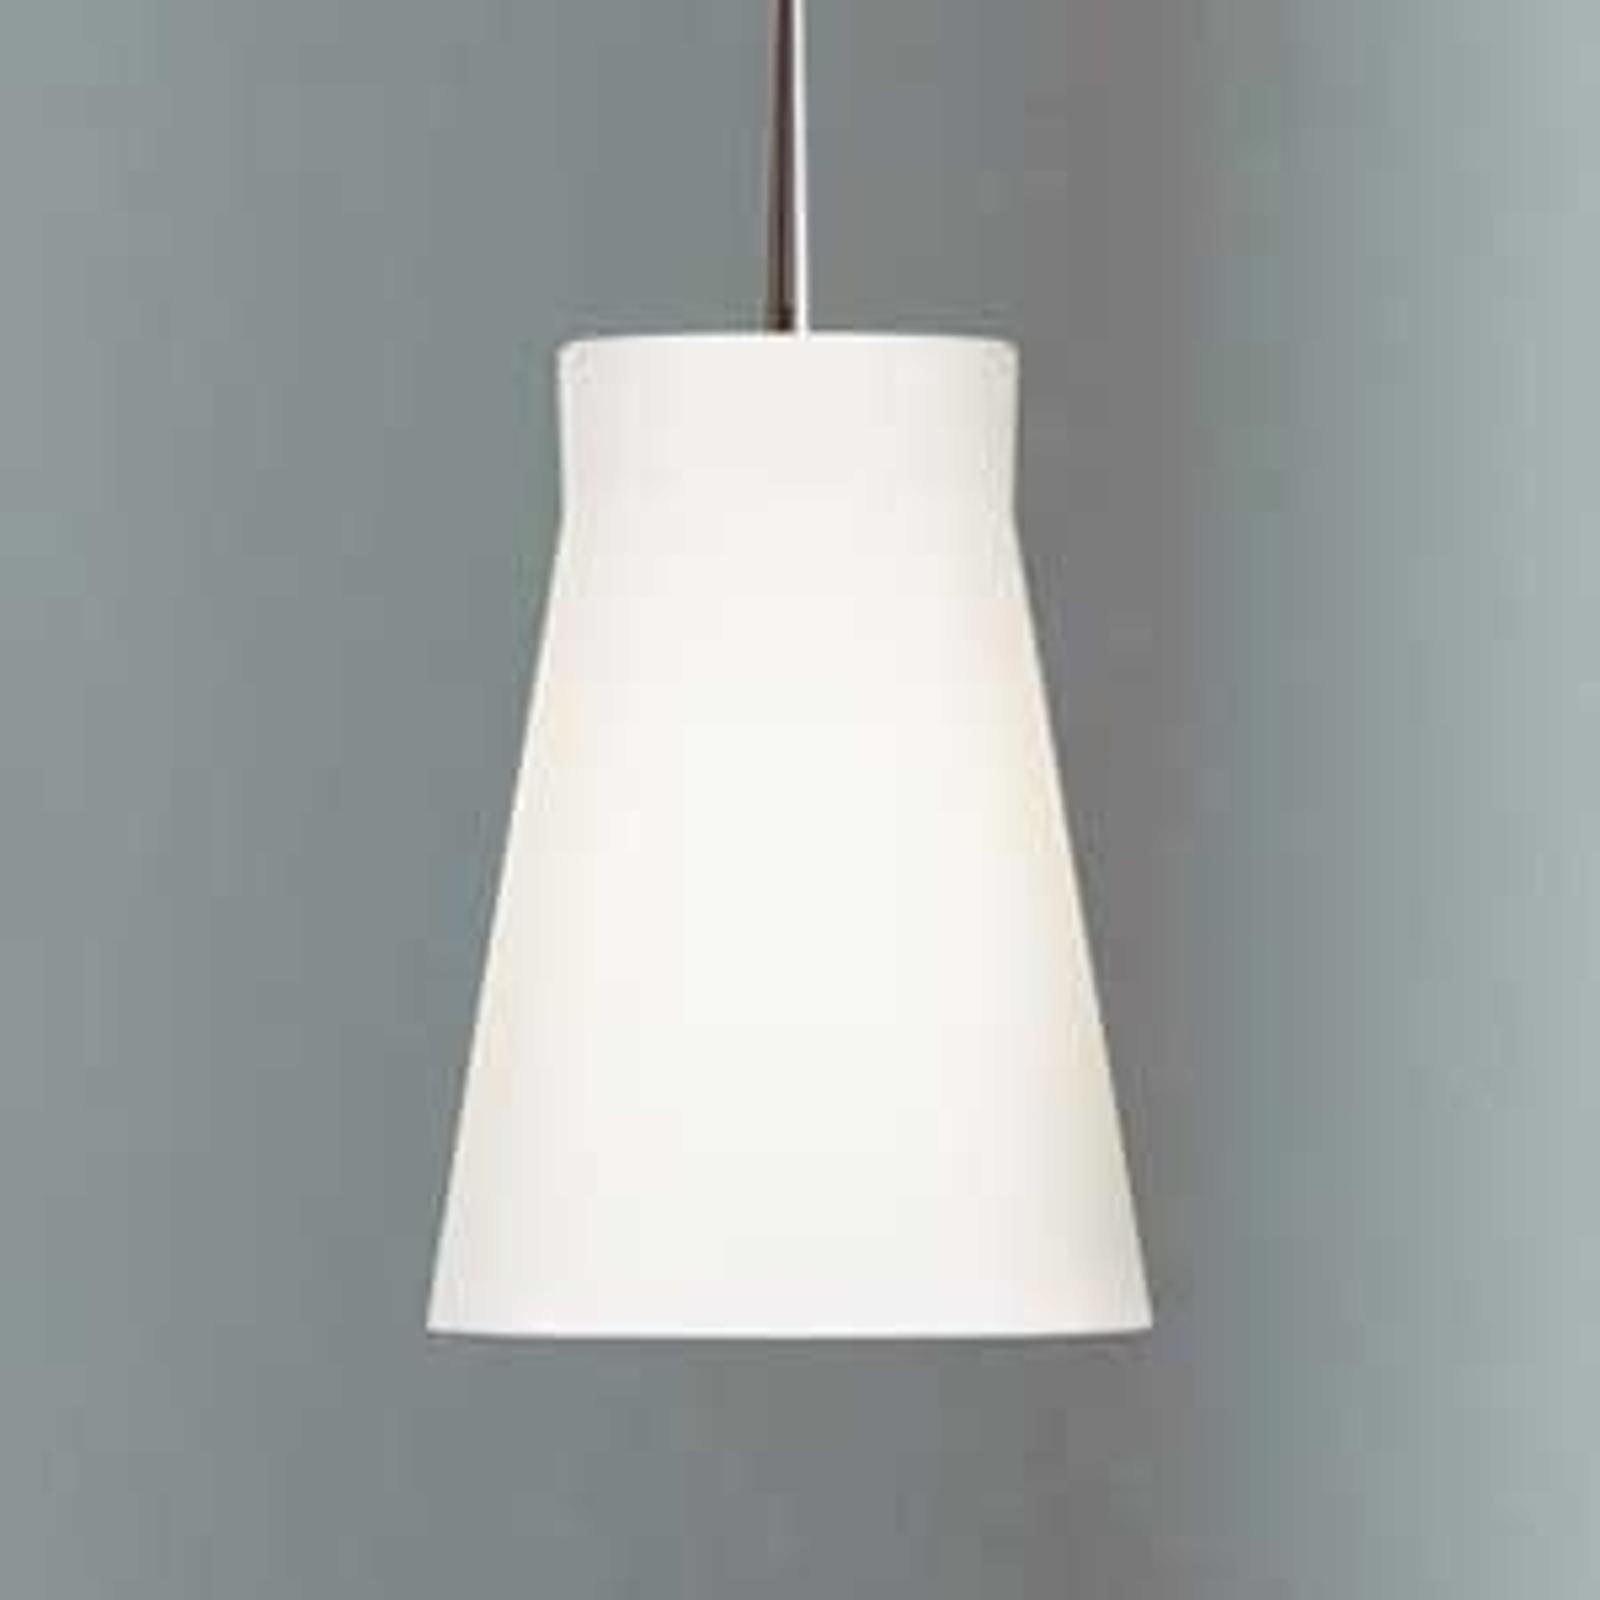 Hængelampe MOMO med 1 lyskilde